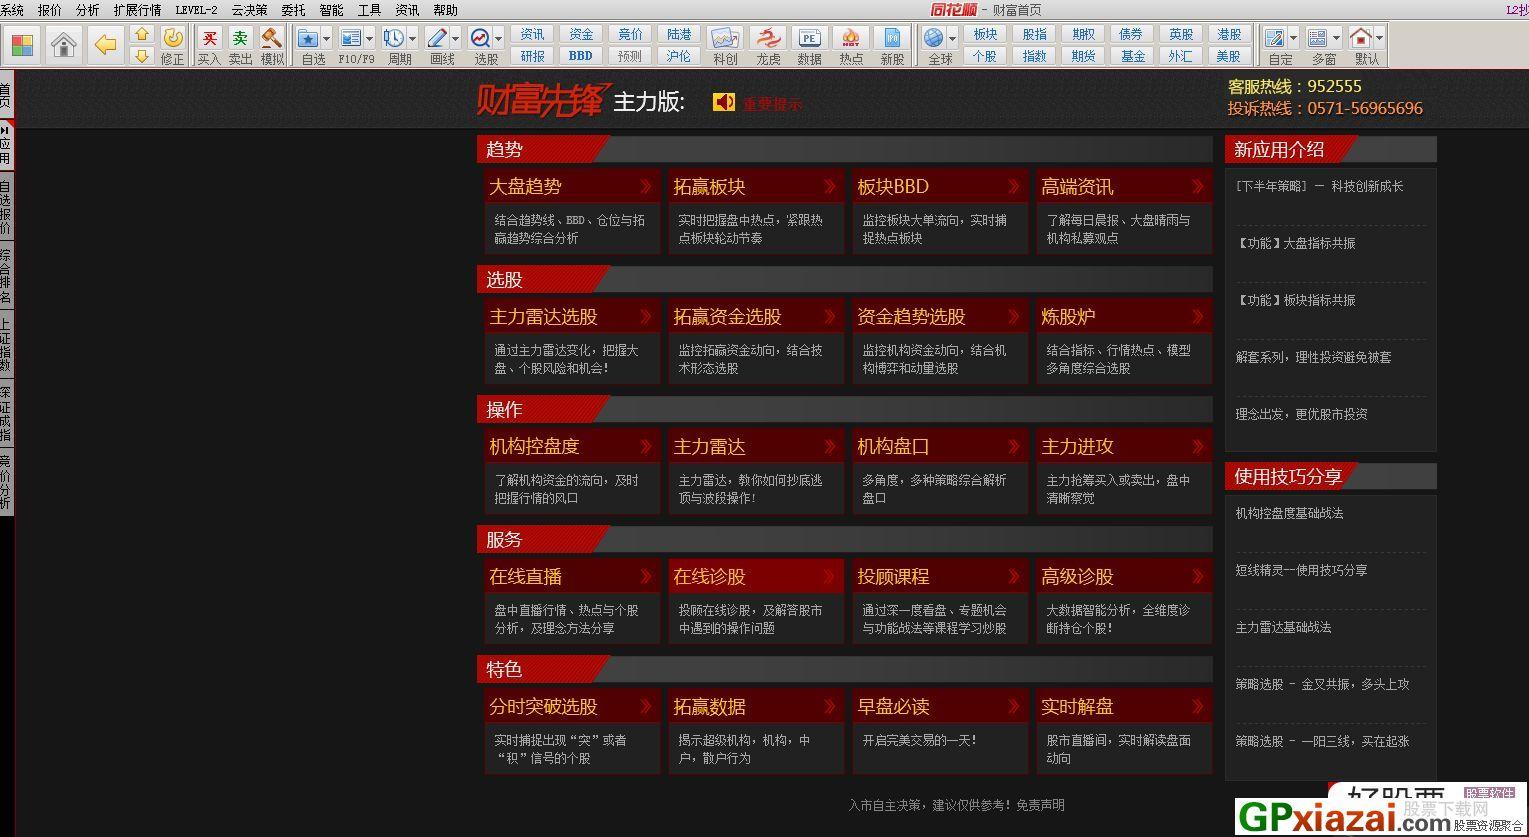 u乐娱乐国际金融大师 V8.80.22